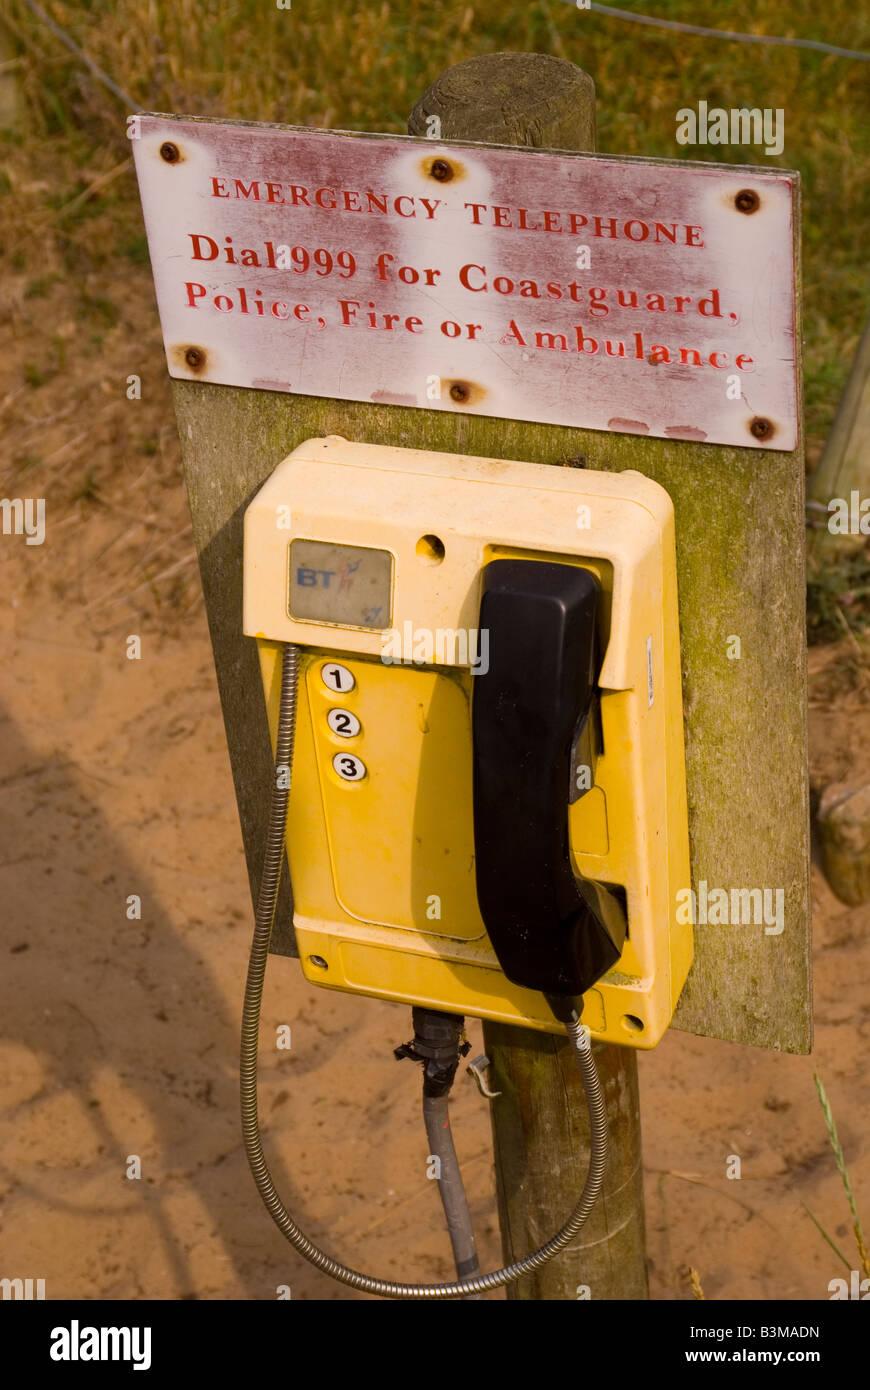 Emergency telephone for coastguard police  fire or ambulance - Stock Image